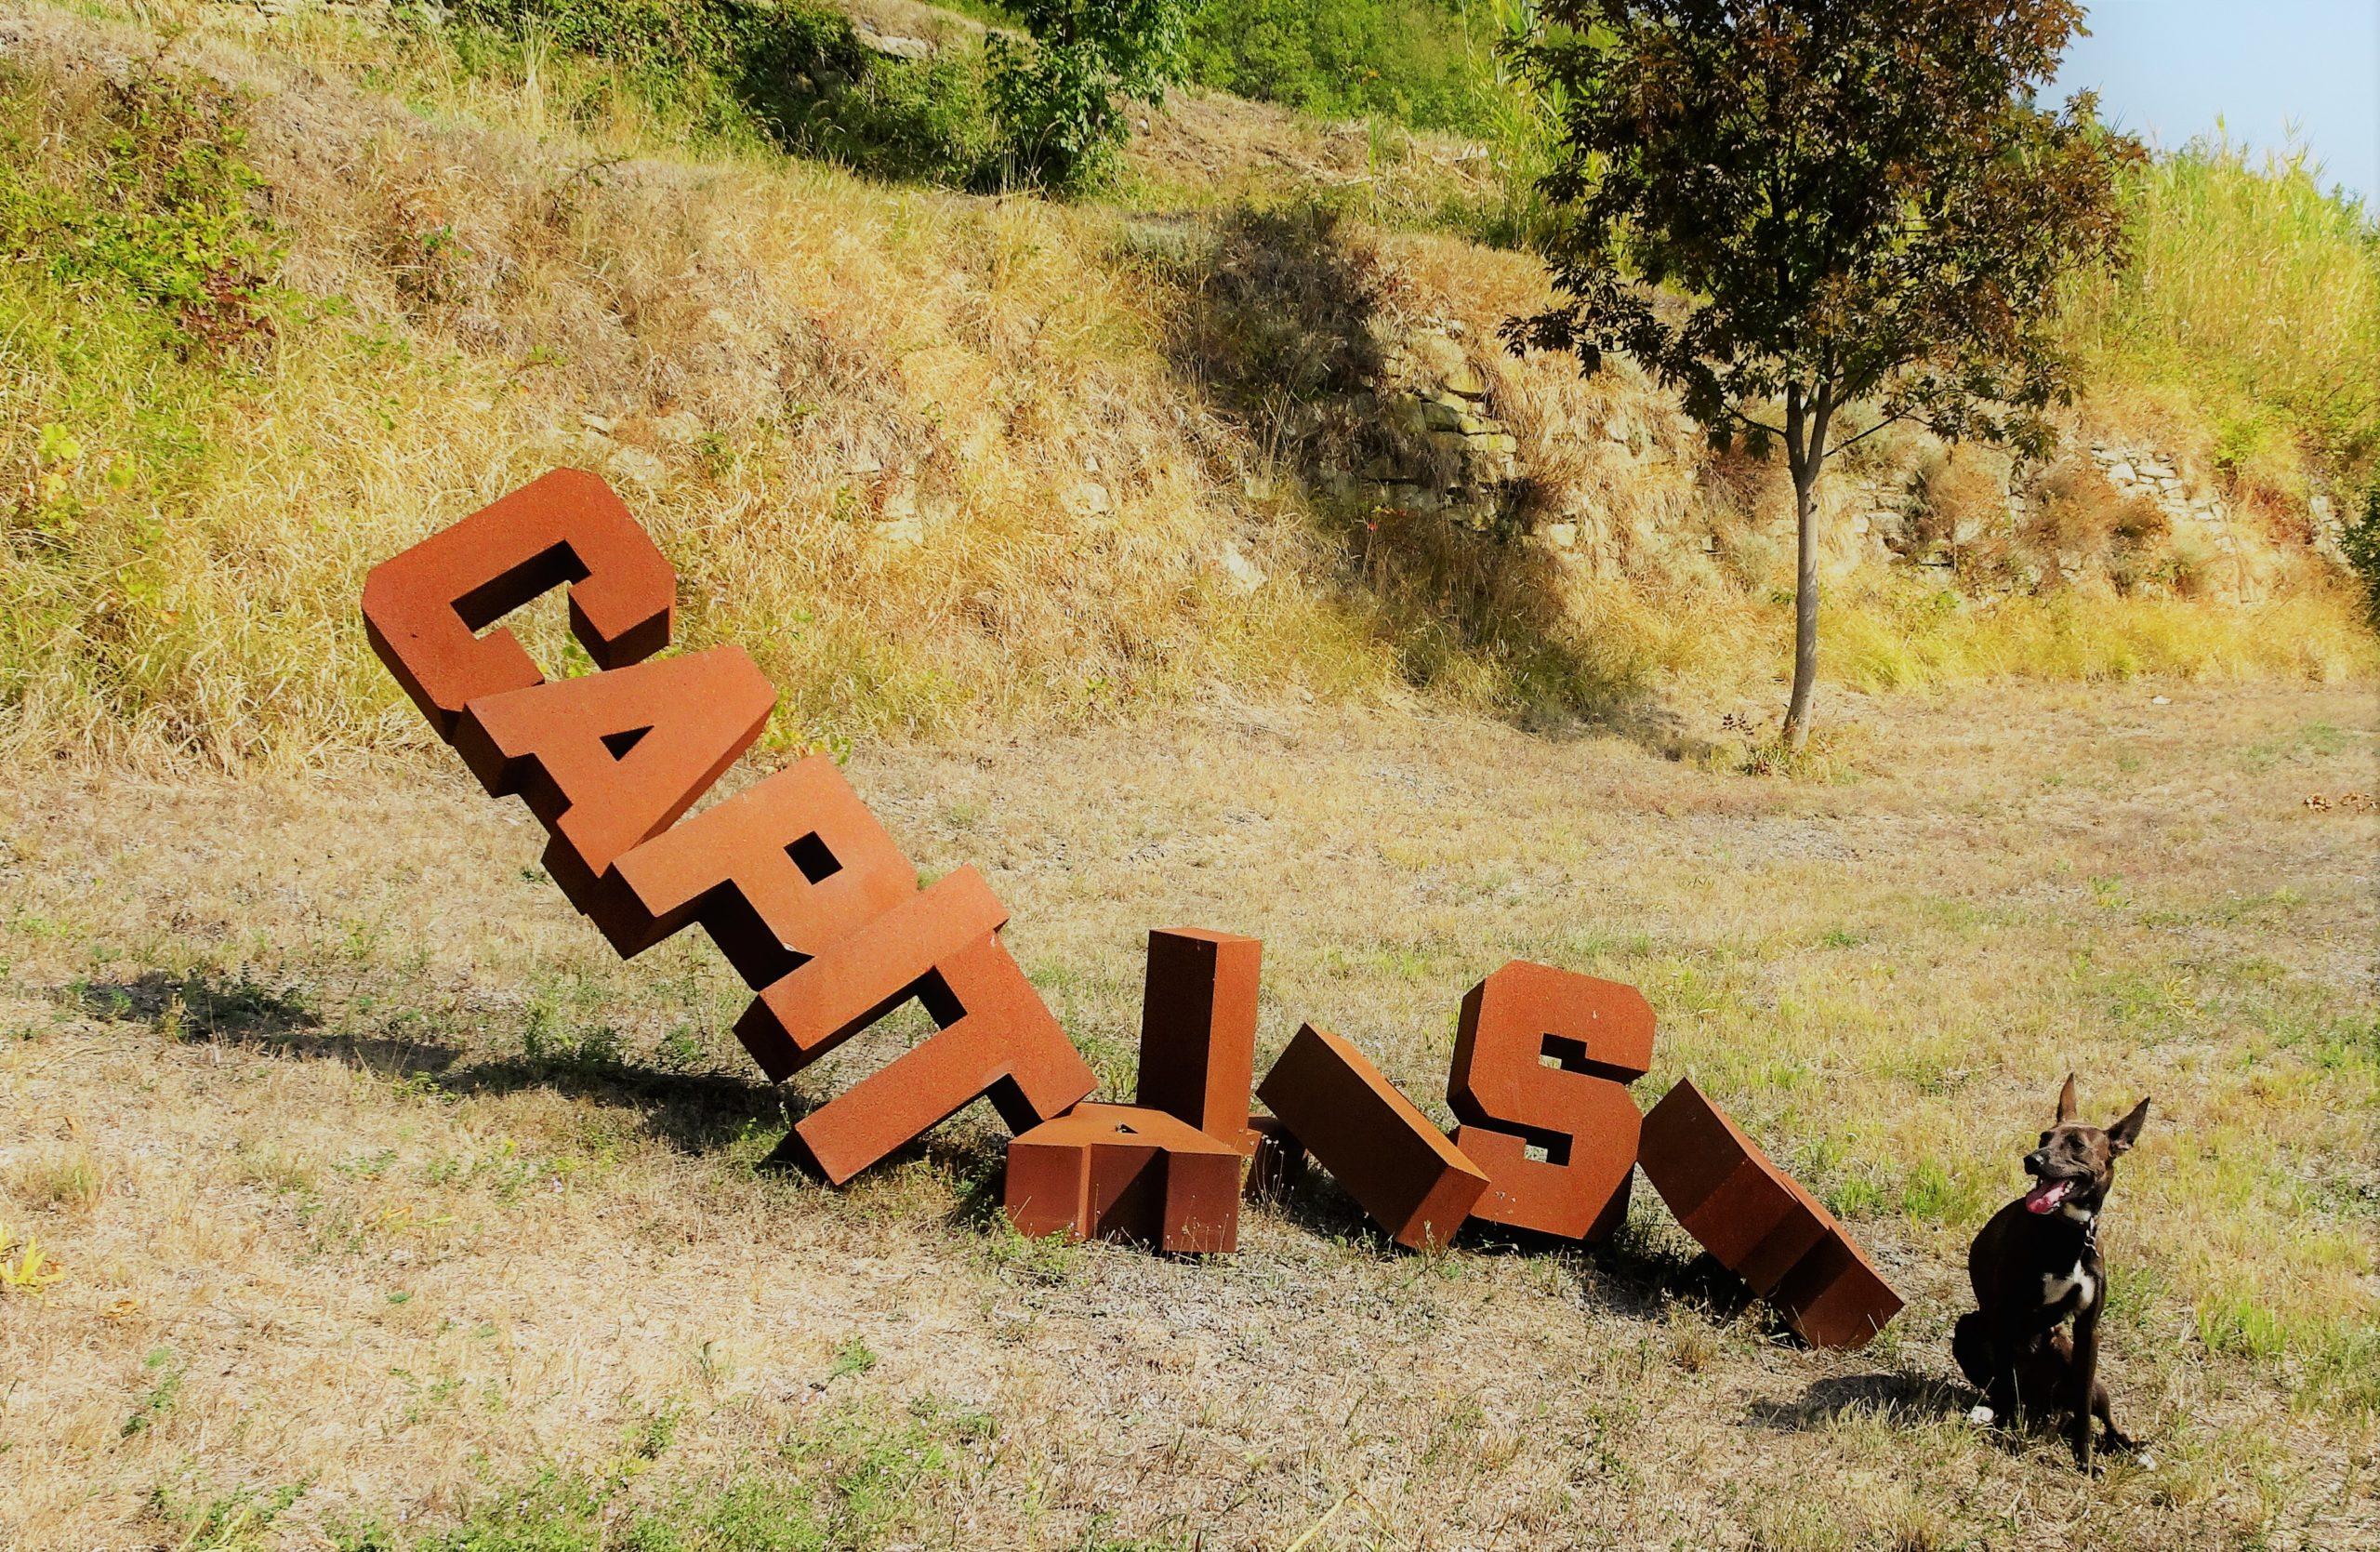 DSC05427-kunstpark-roccaverano-1